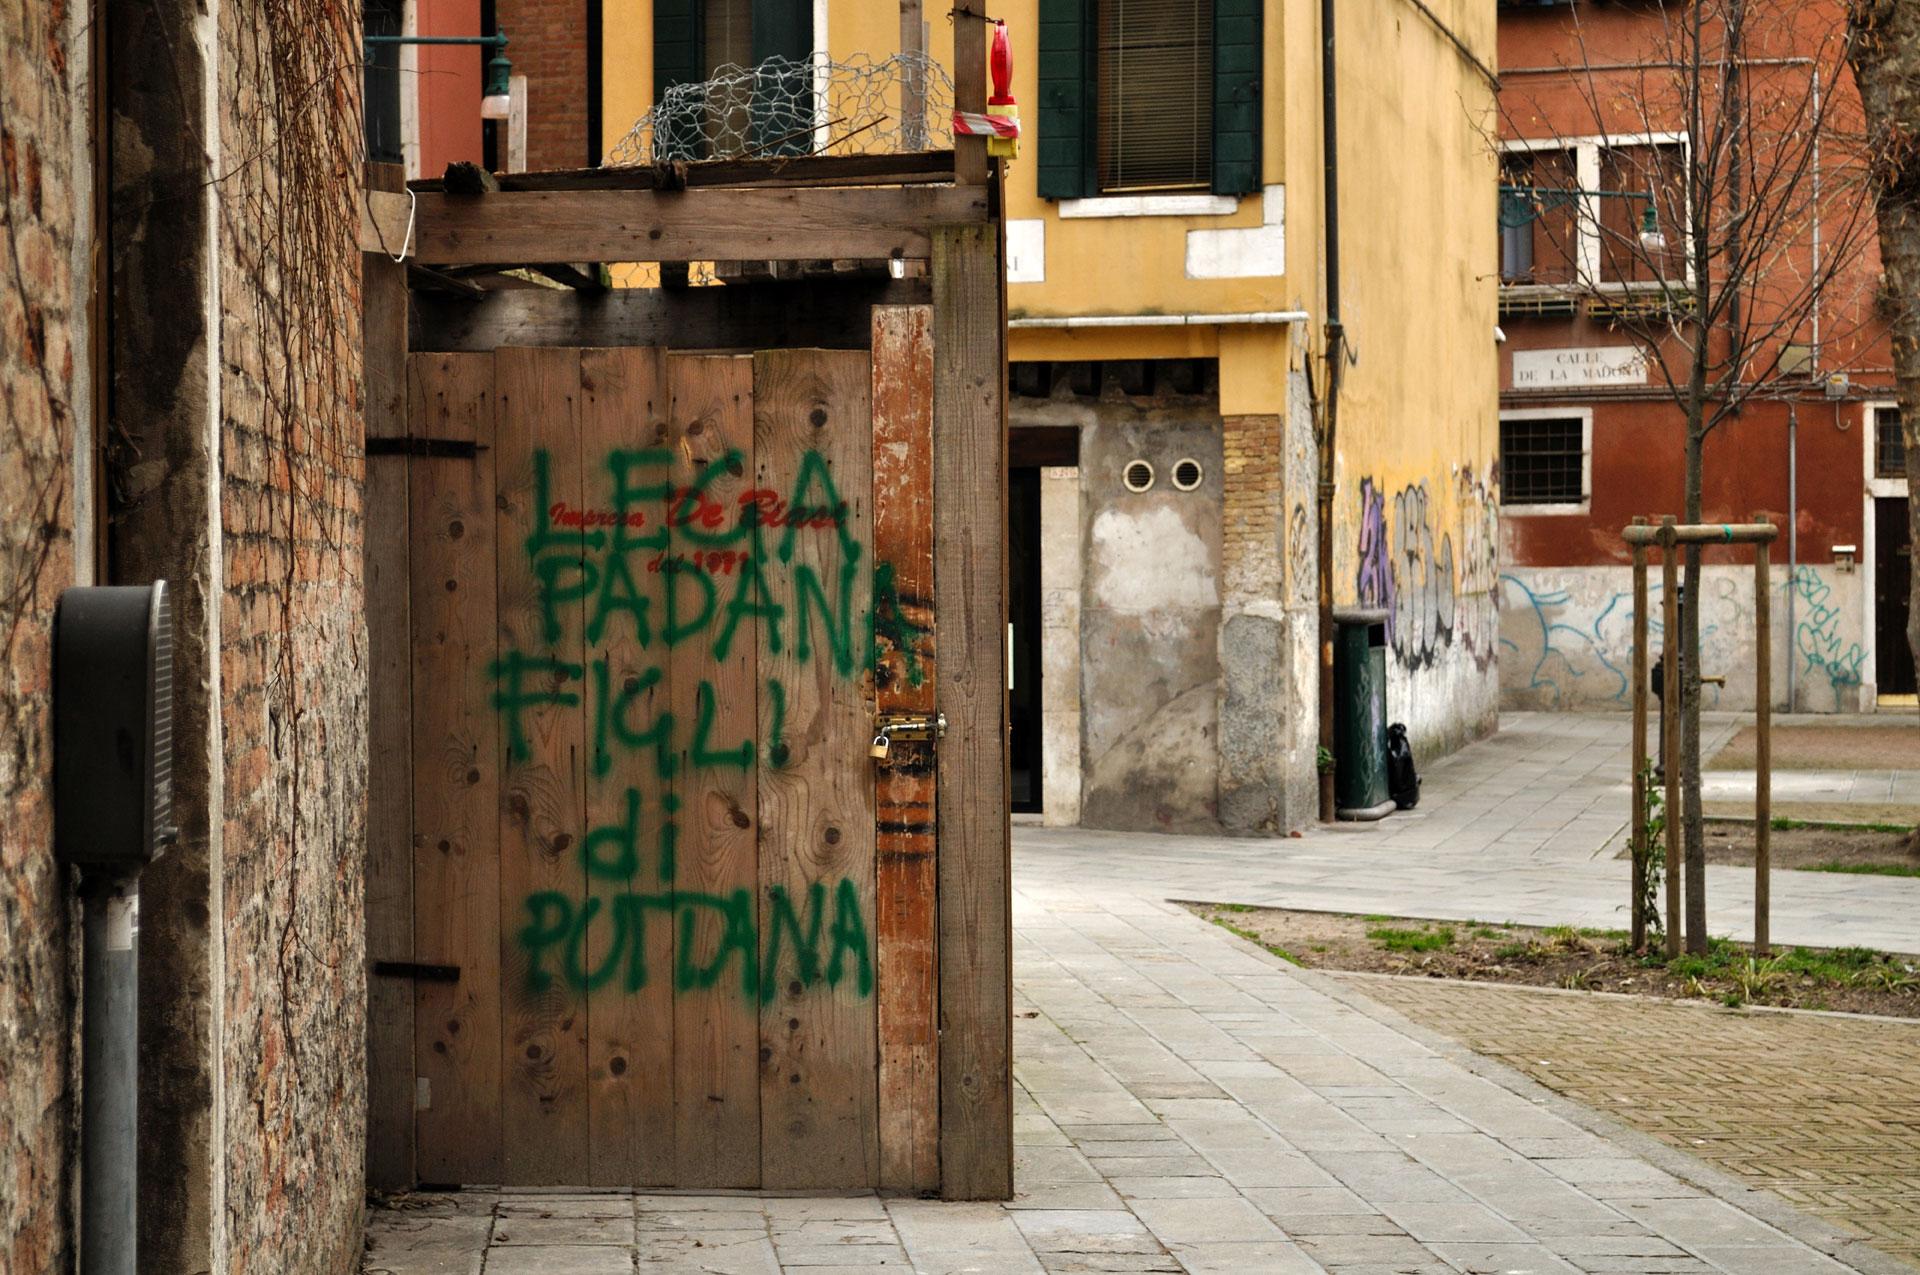 Lega Padana